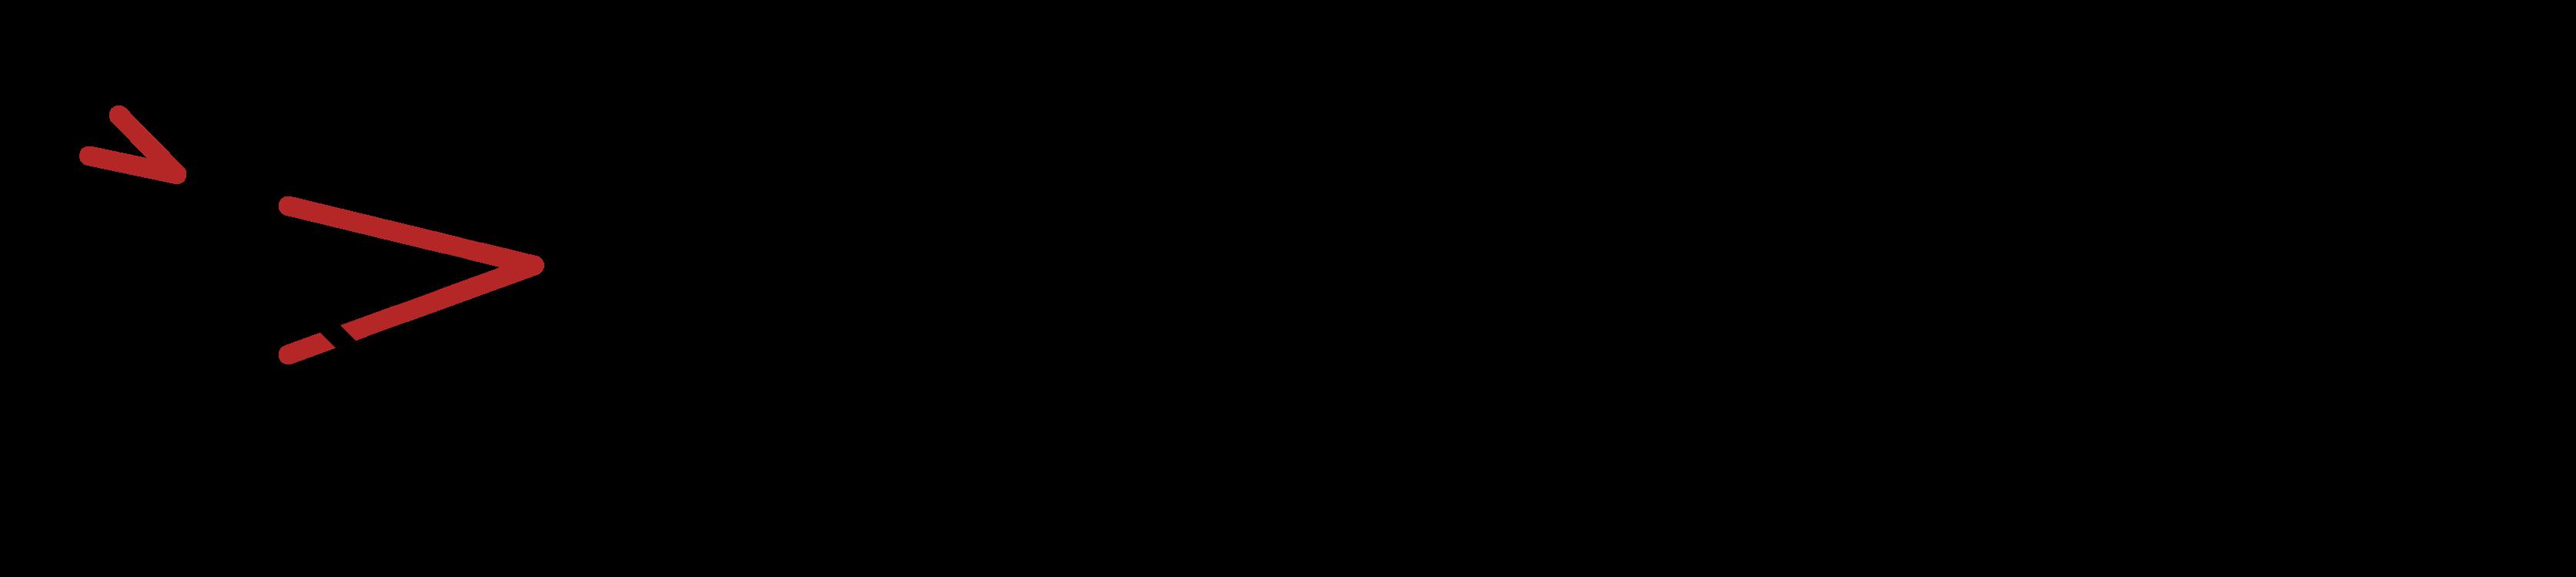 Nyhart